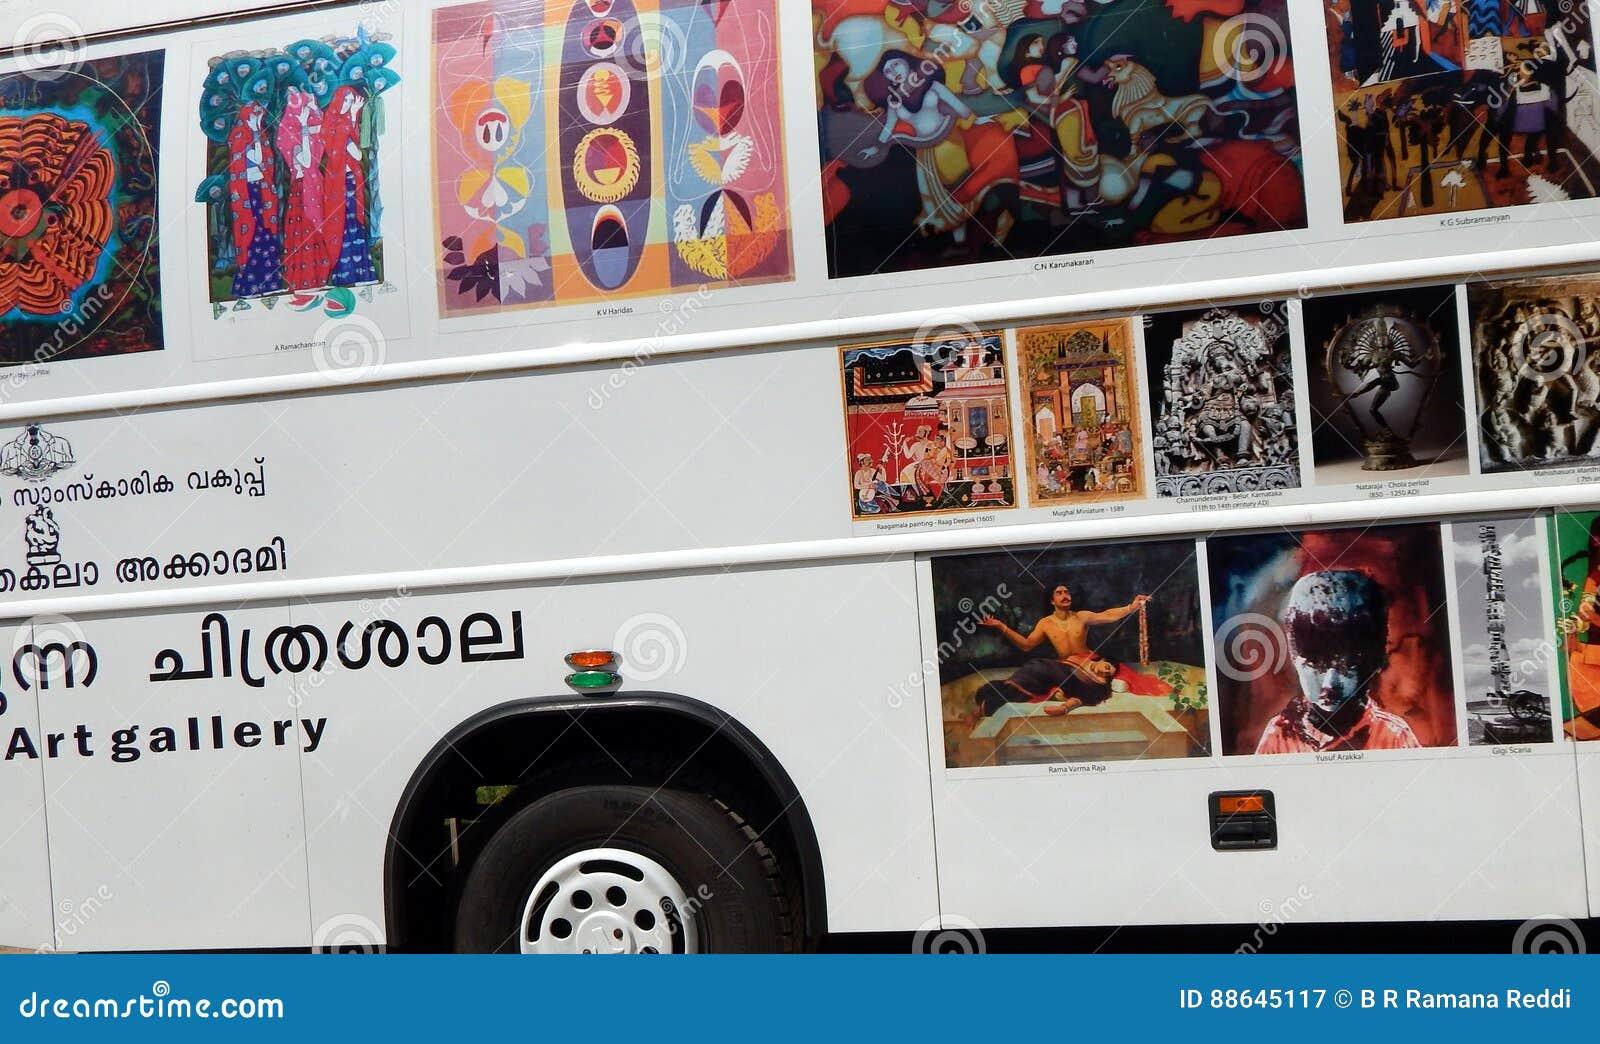 Office mobile d art d exposition d état du Kerala de peintre indien célèbre Raja Ravi Varma